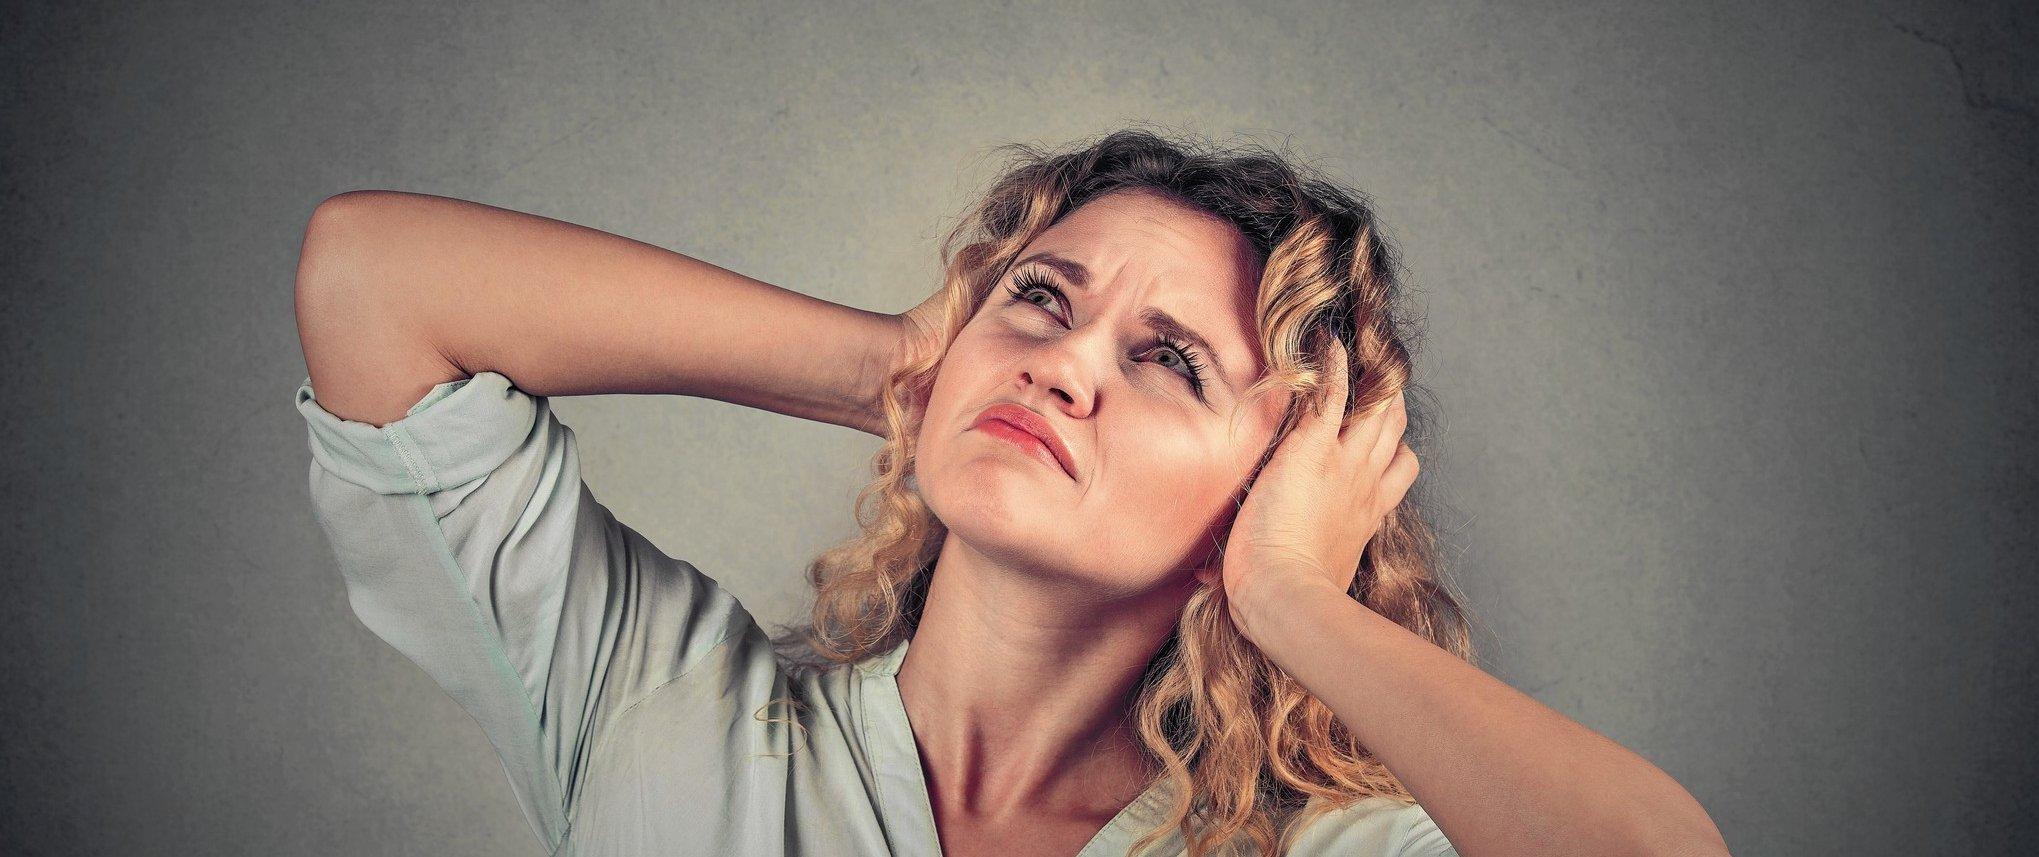 Какое наказание ждет за нарушение тишины в доме?